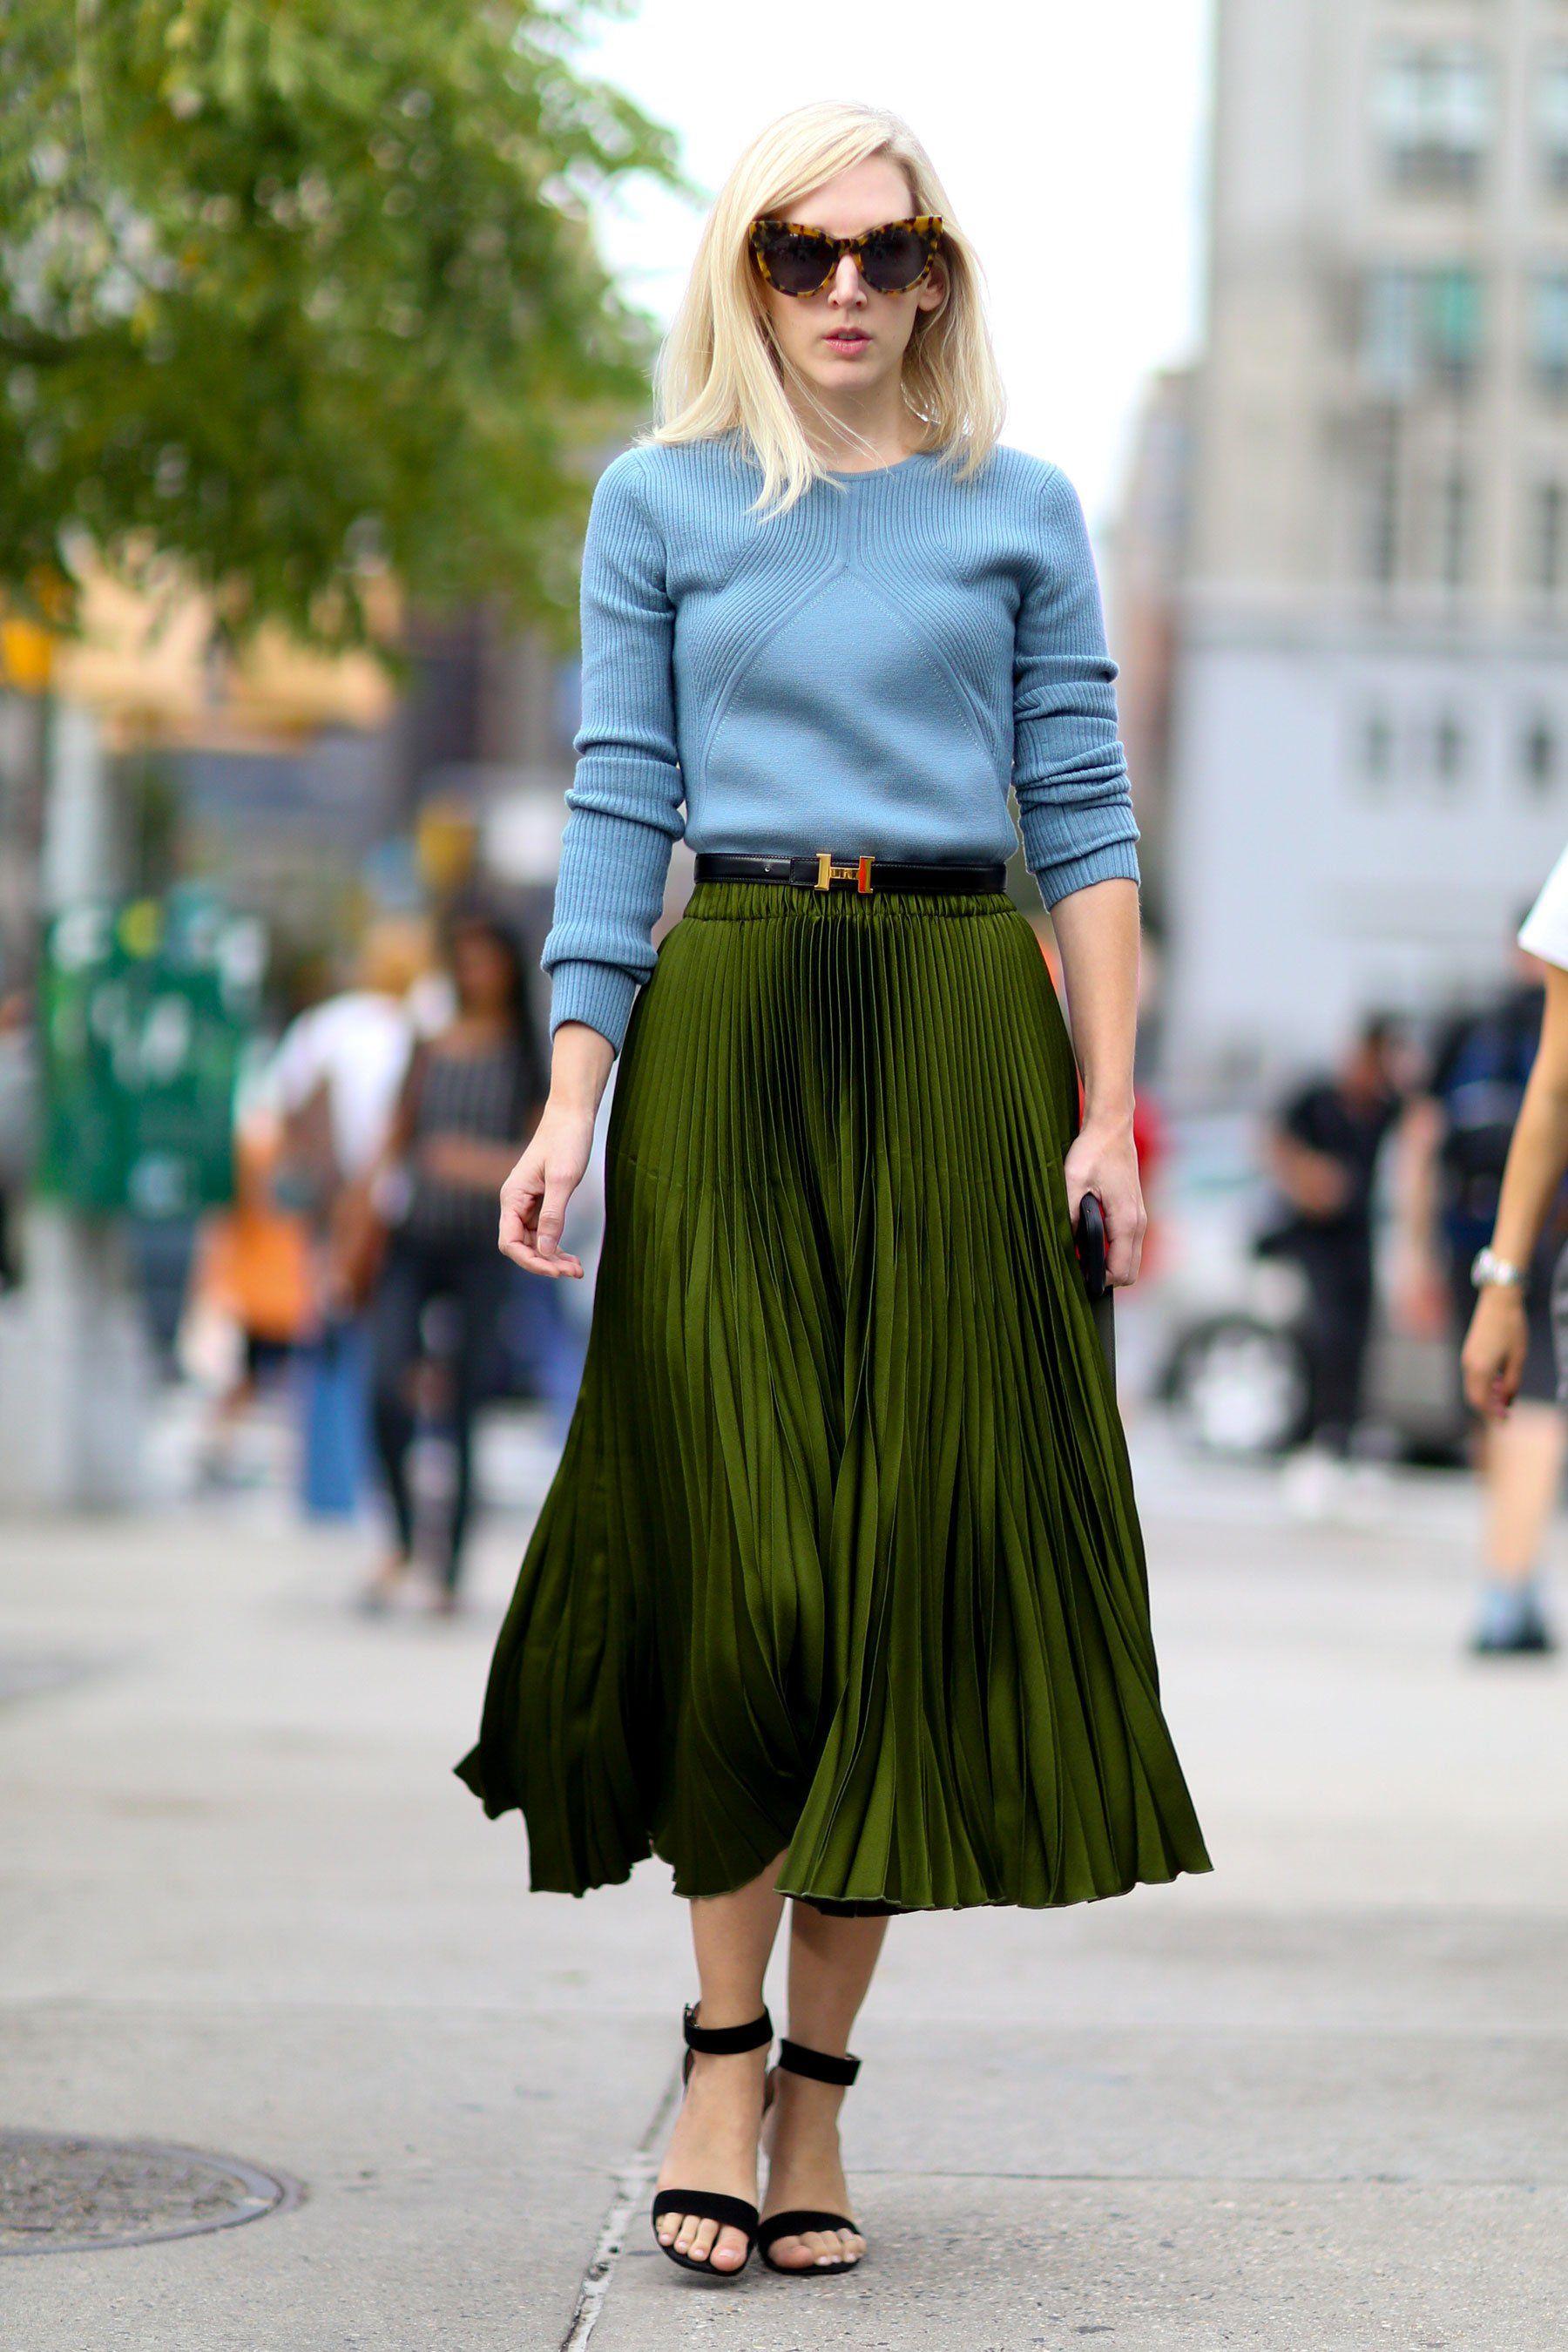 71b3186e9b2a 25 façons de porter sa ceinture autrement street look   pull bleu clair et  jupe midi plissée verte ceinture hermès